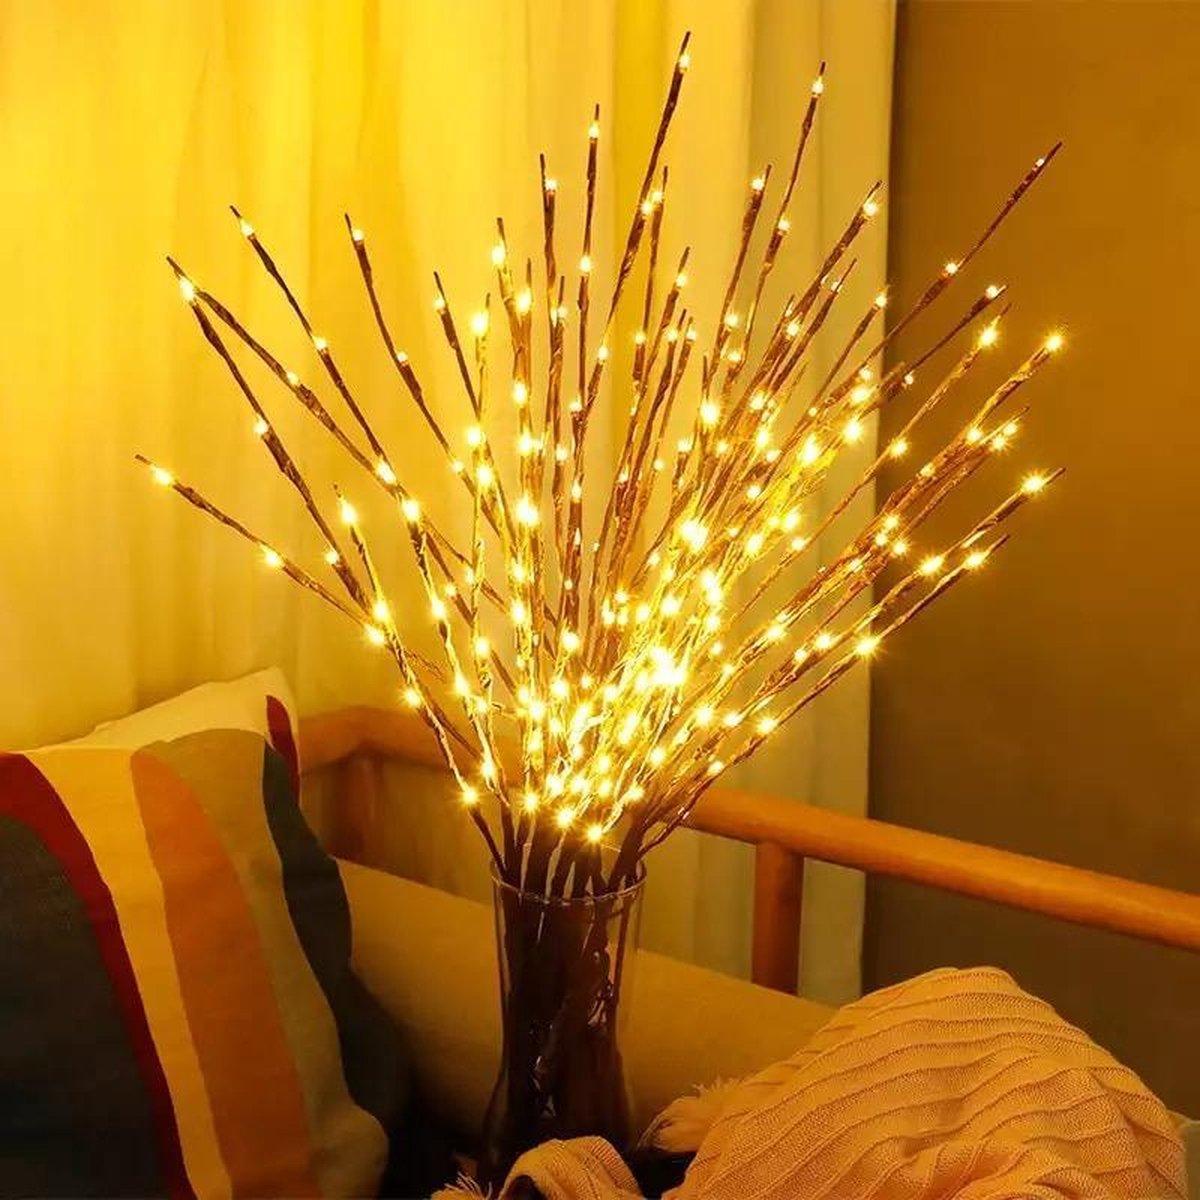 Decoratie takken met led licht - Warm licht - Takkenbos met verlichting - kerstverlichting - herfst verlichting - kerstversiering - 20 ledlampjes - takkenbos met verlichting kopen